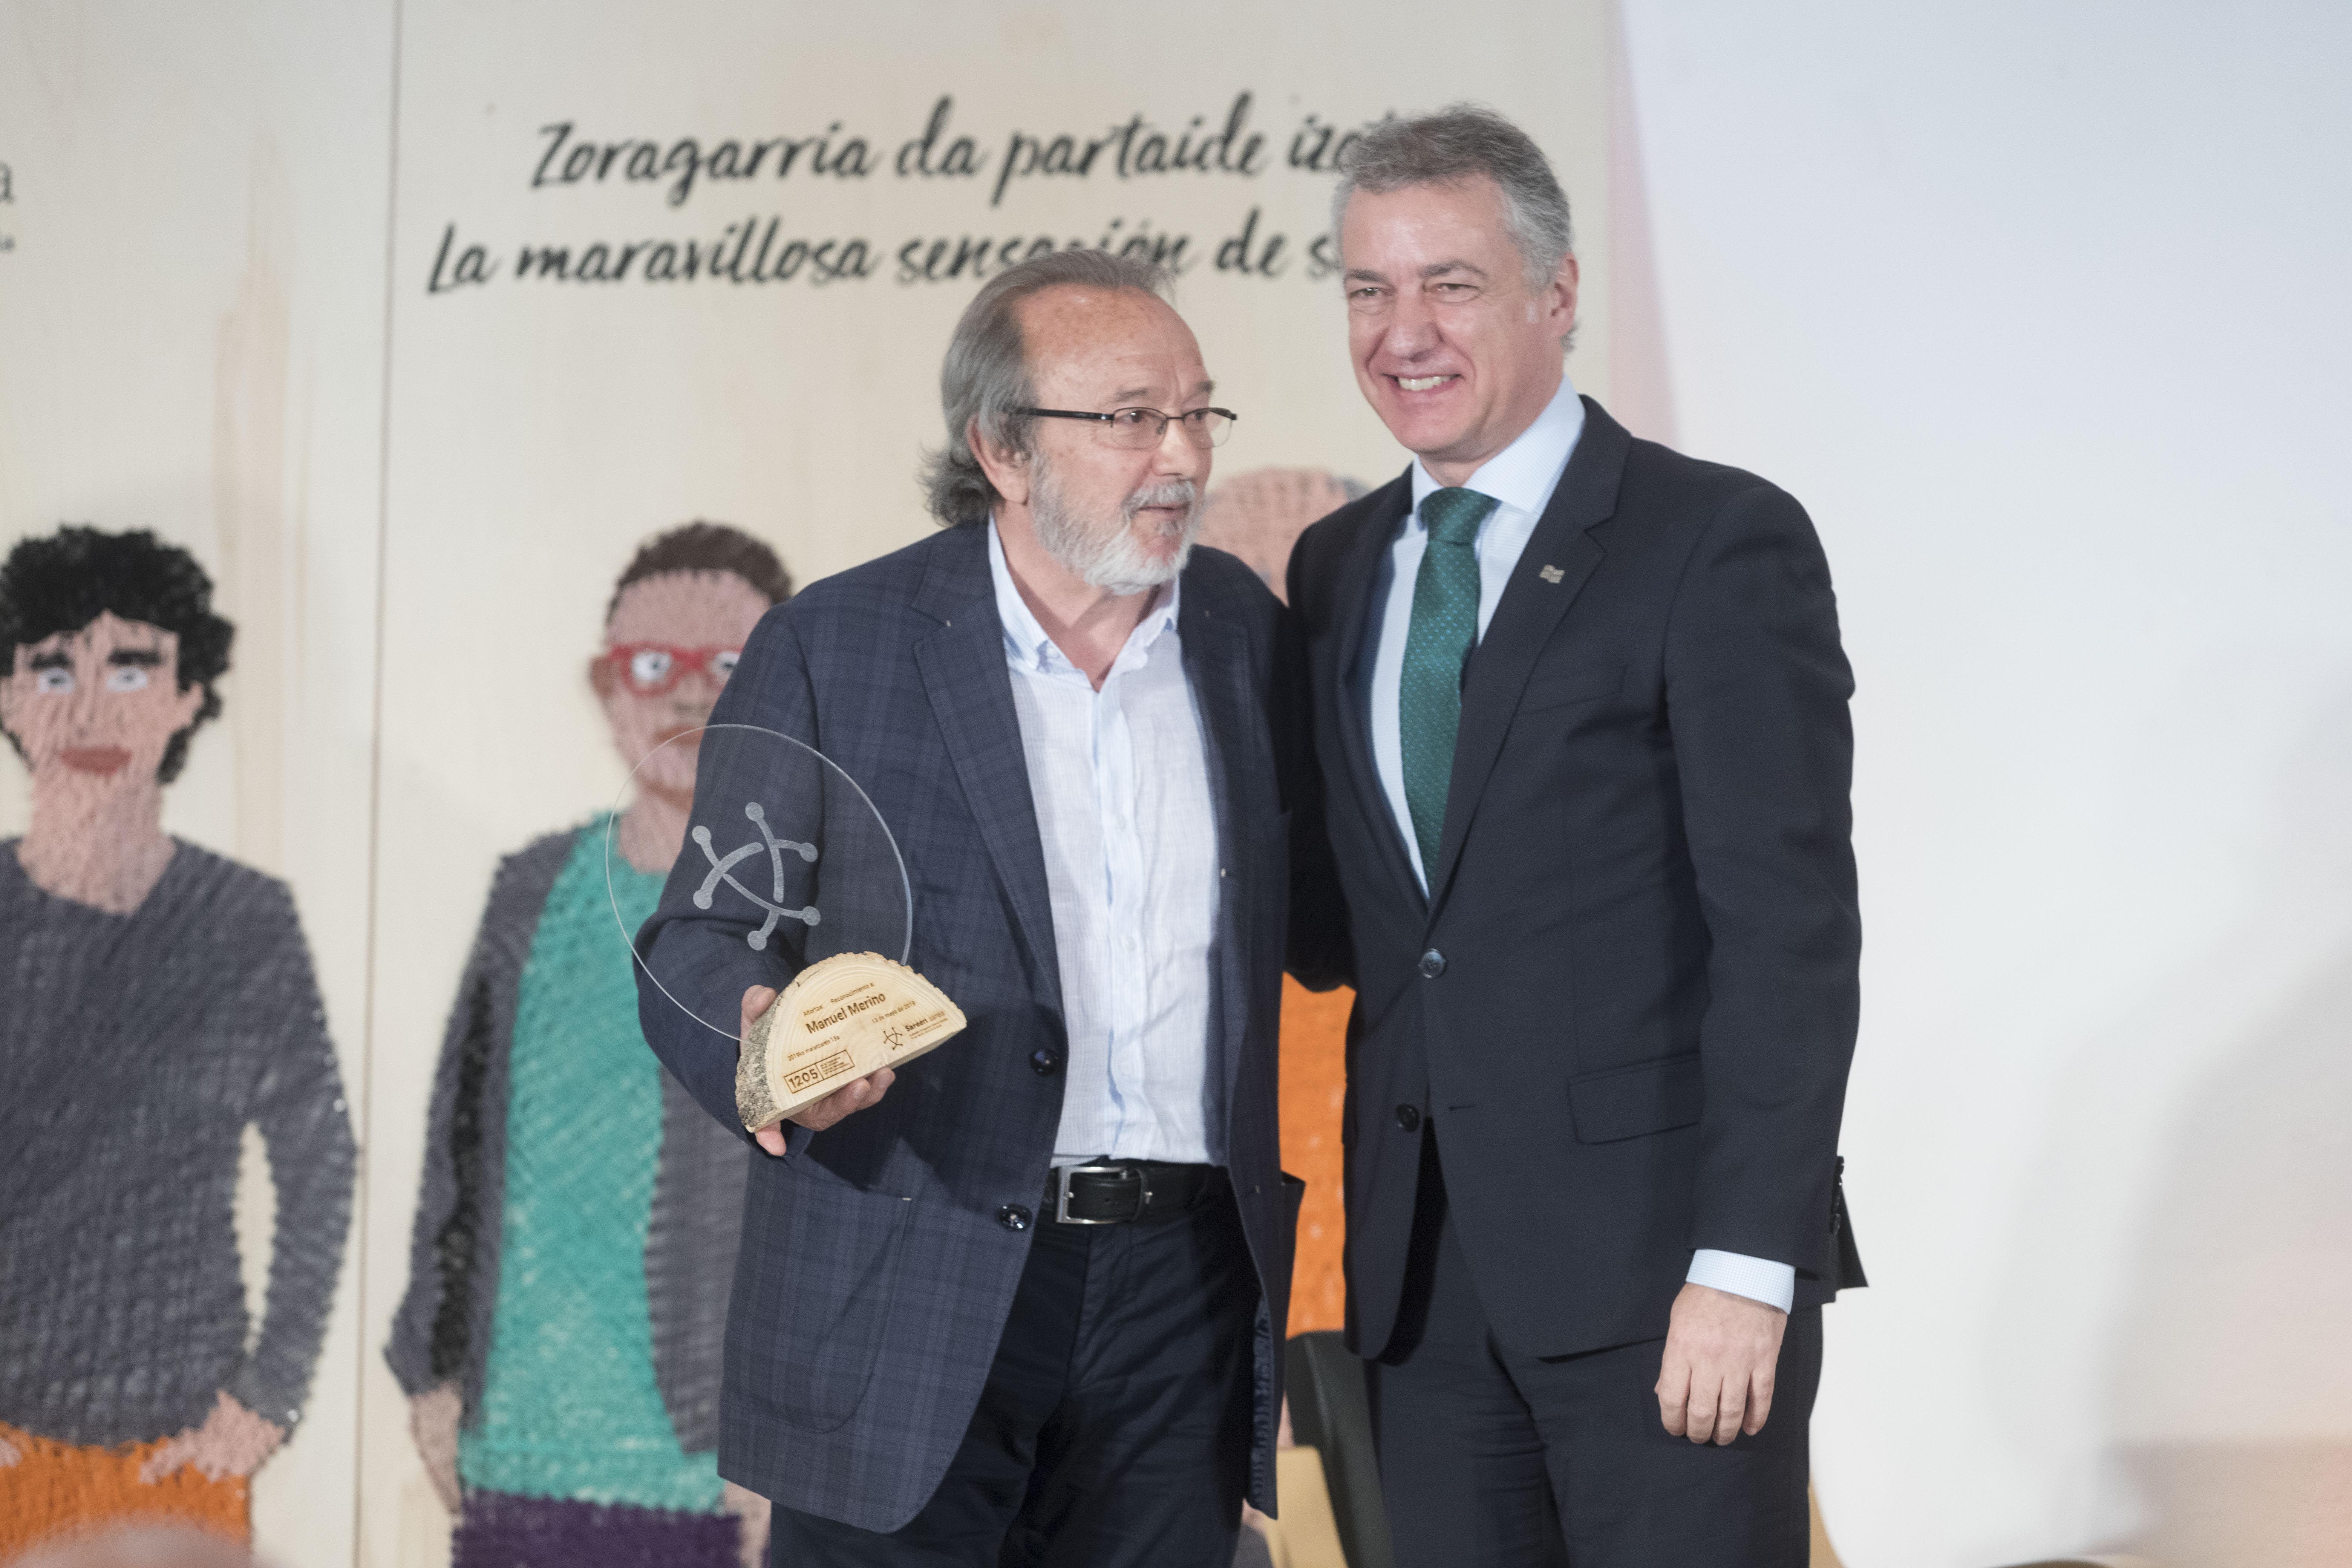 """Iñigo Urkulluk """"Euskadin gizarte-ekintzan kalean bertan lan egiten duten 3.000 euskal erakundek kohesioari, inklusioari eta elkartasunari egiten dioten ekarpena"""" nabarmendu du"""